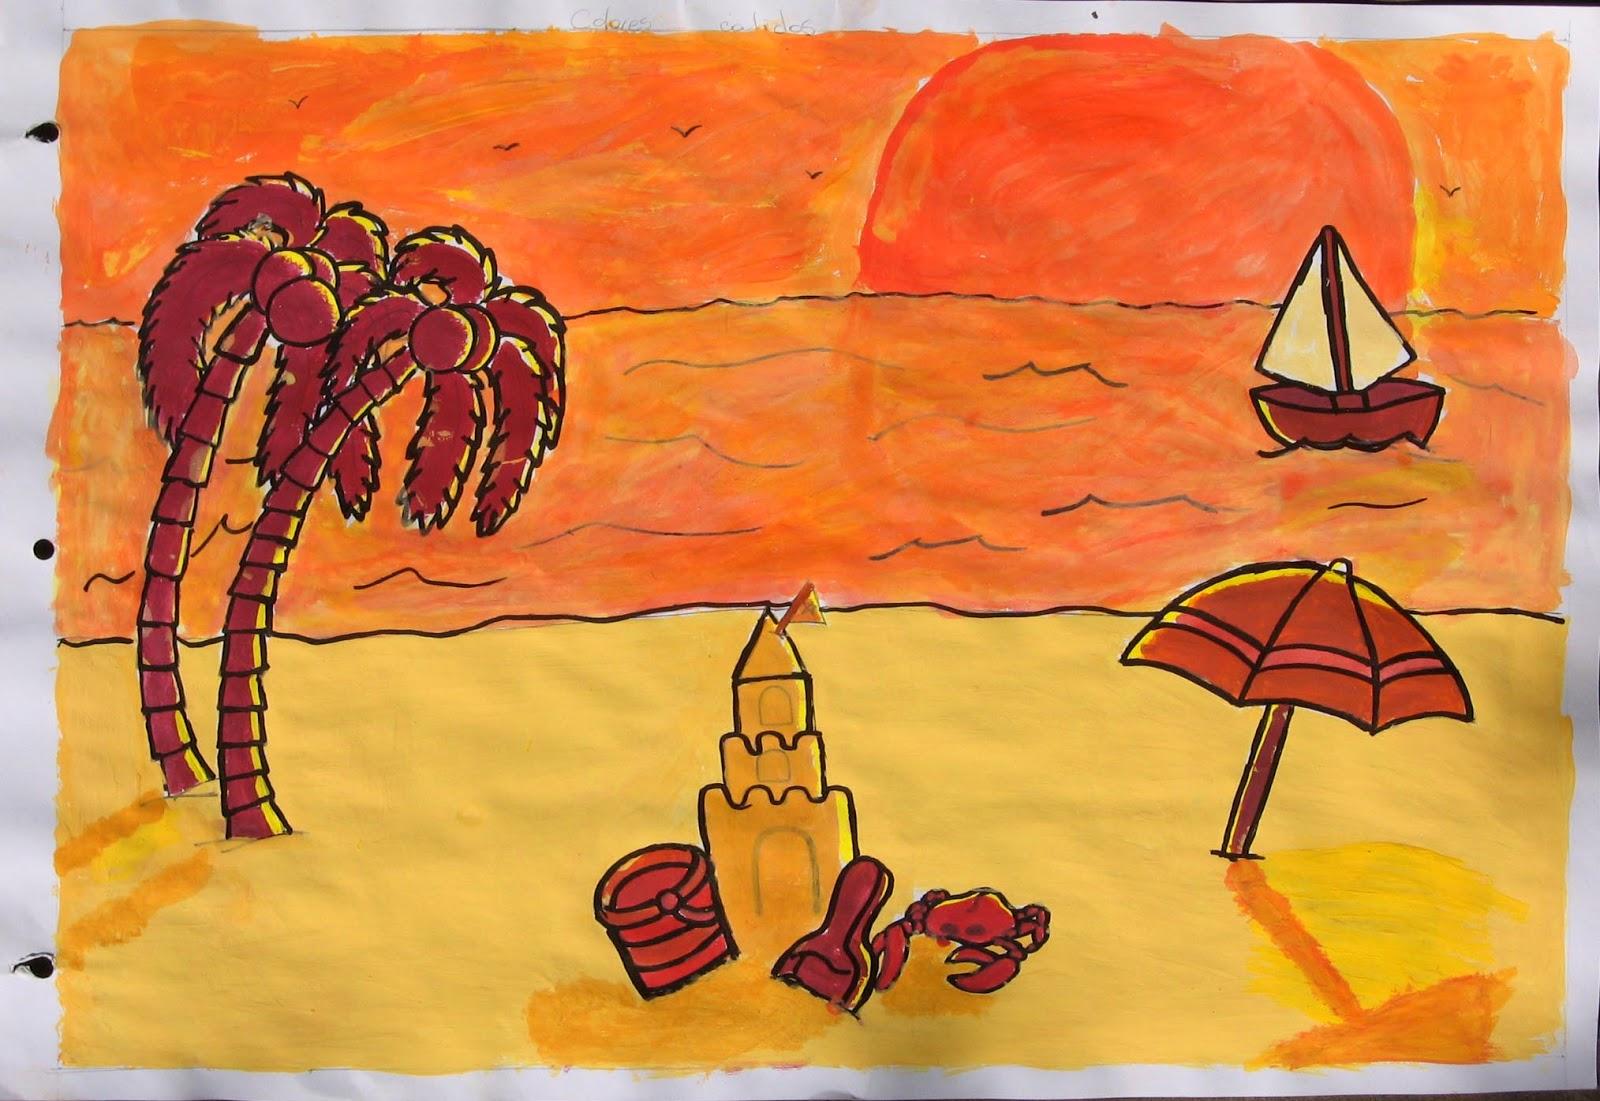 El blog de analia silva septiembre 2013 - Cuadros con colores calidos ...